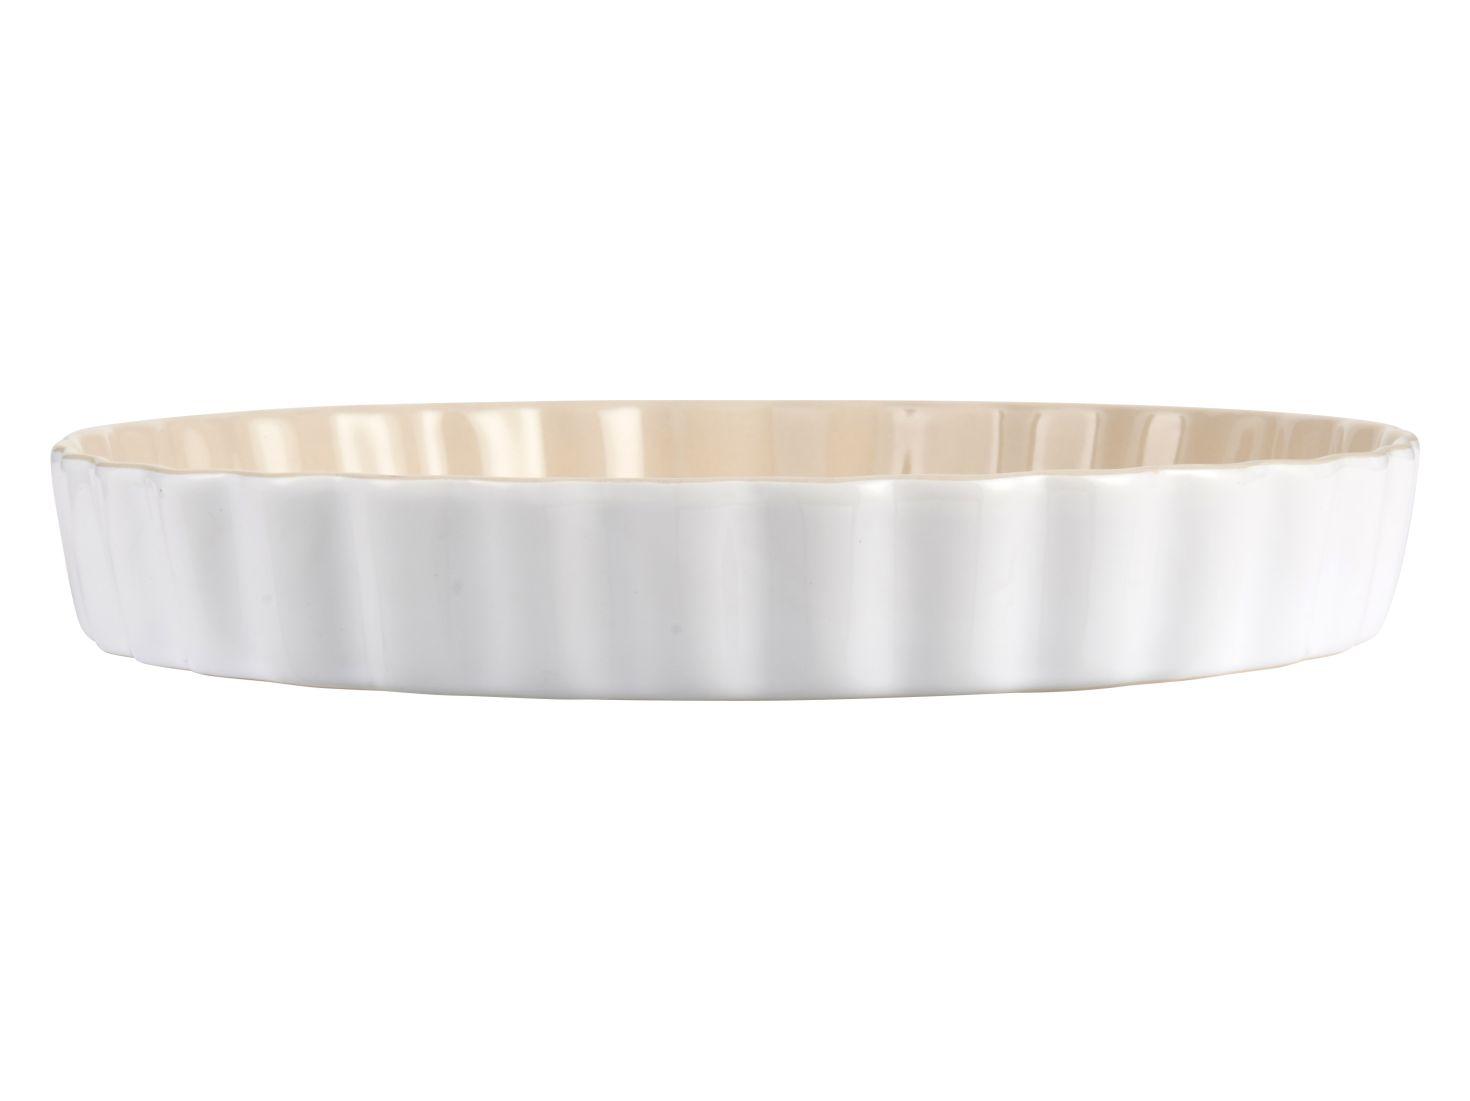 Quiche Auflaufform rund 27cm Porzellan Backform Kuchenform Bratform Servierform